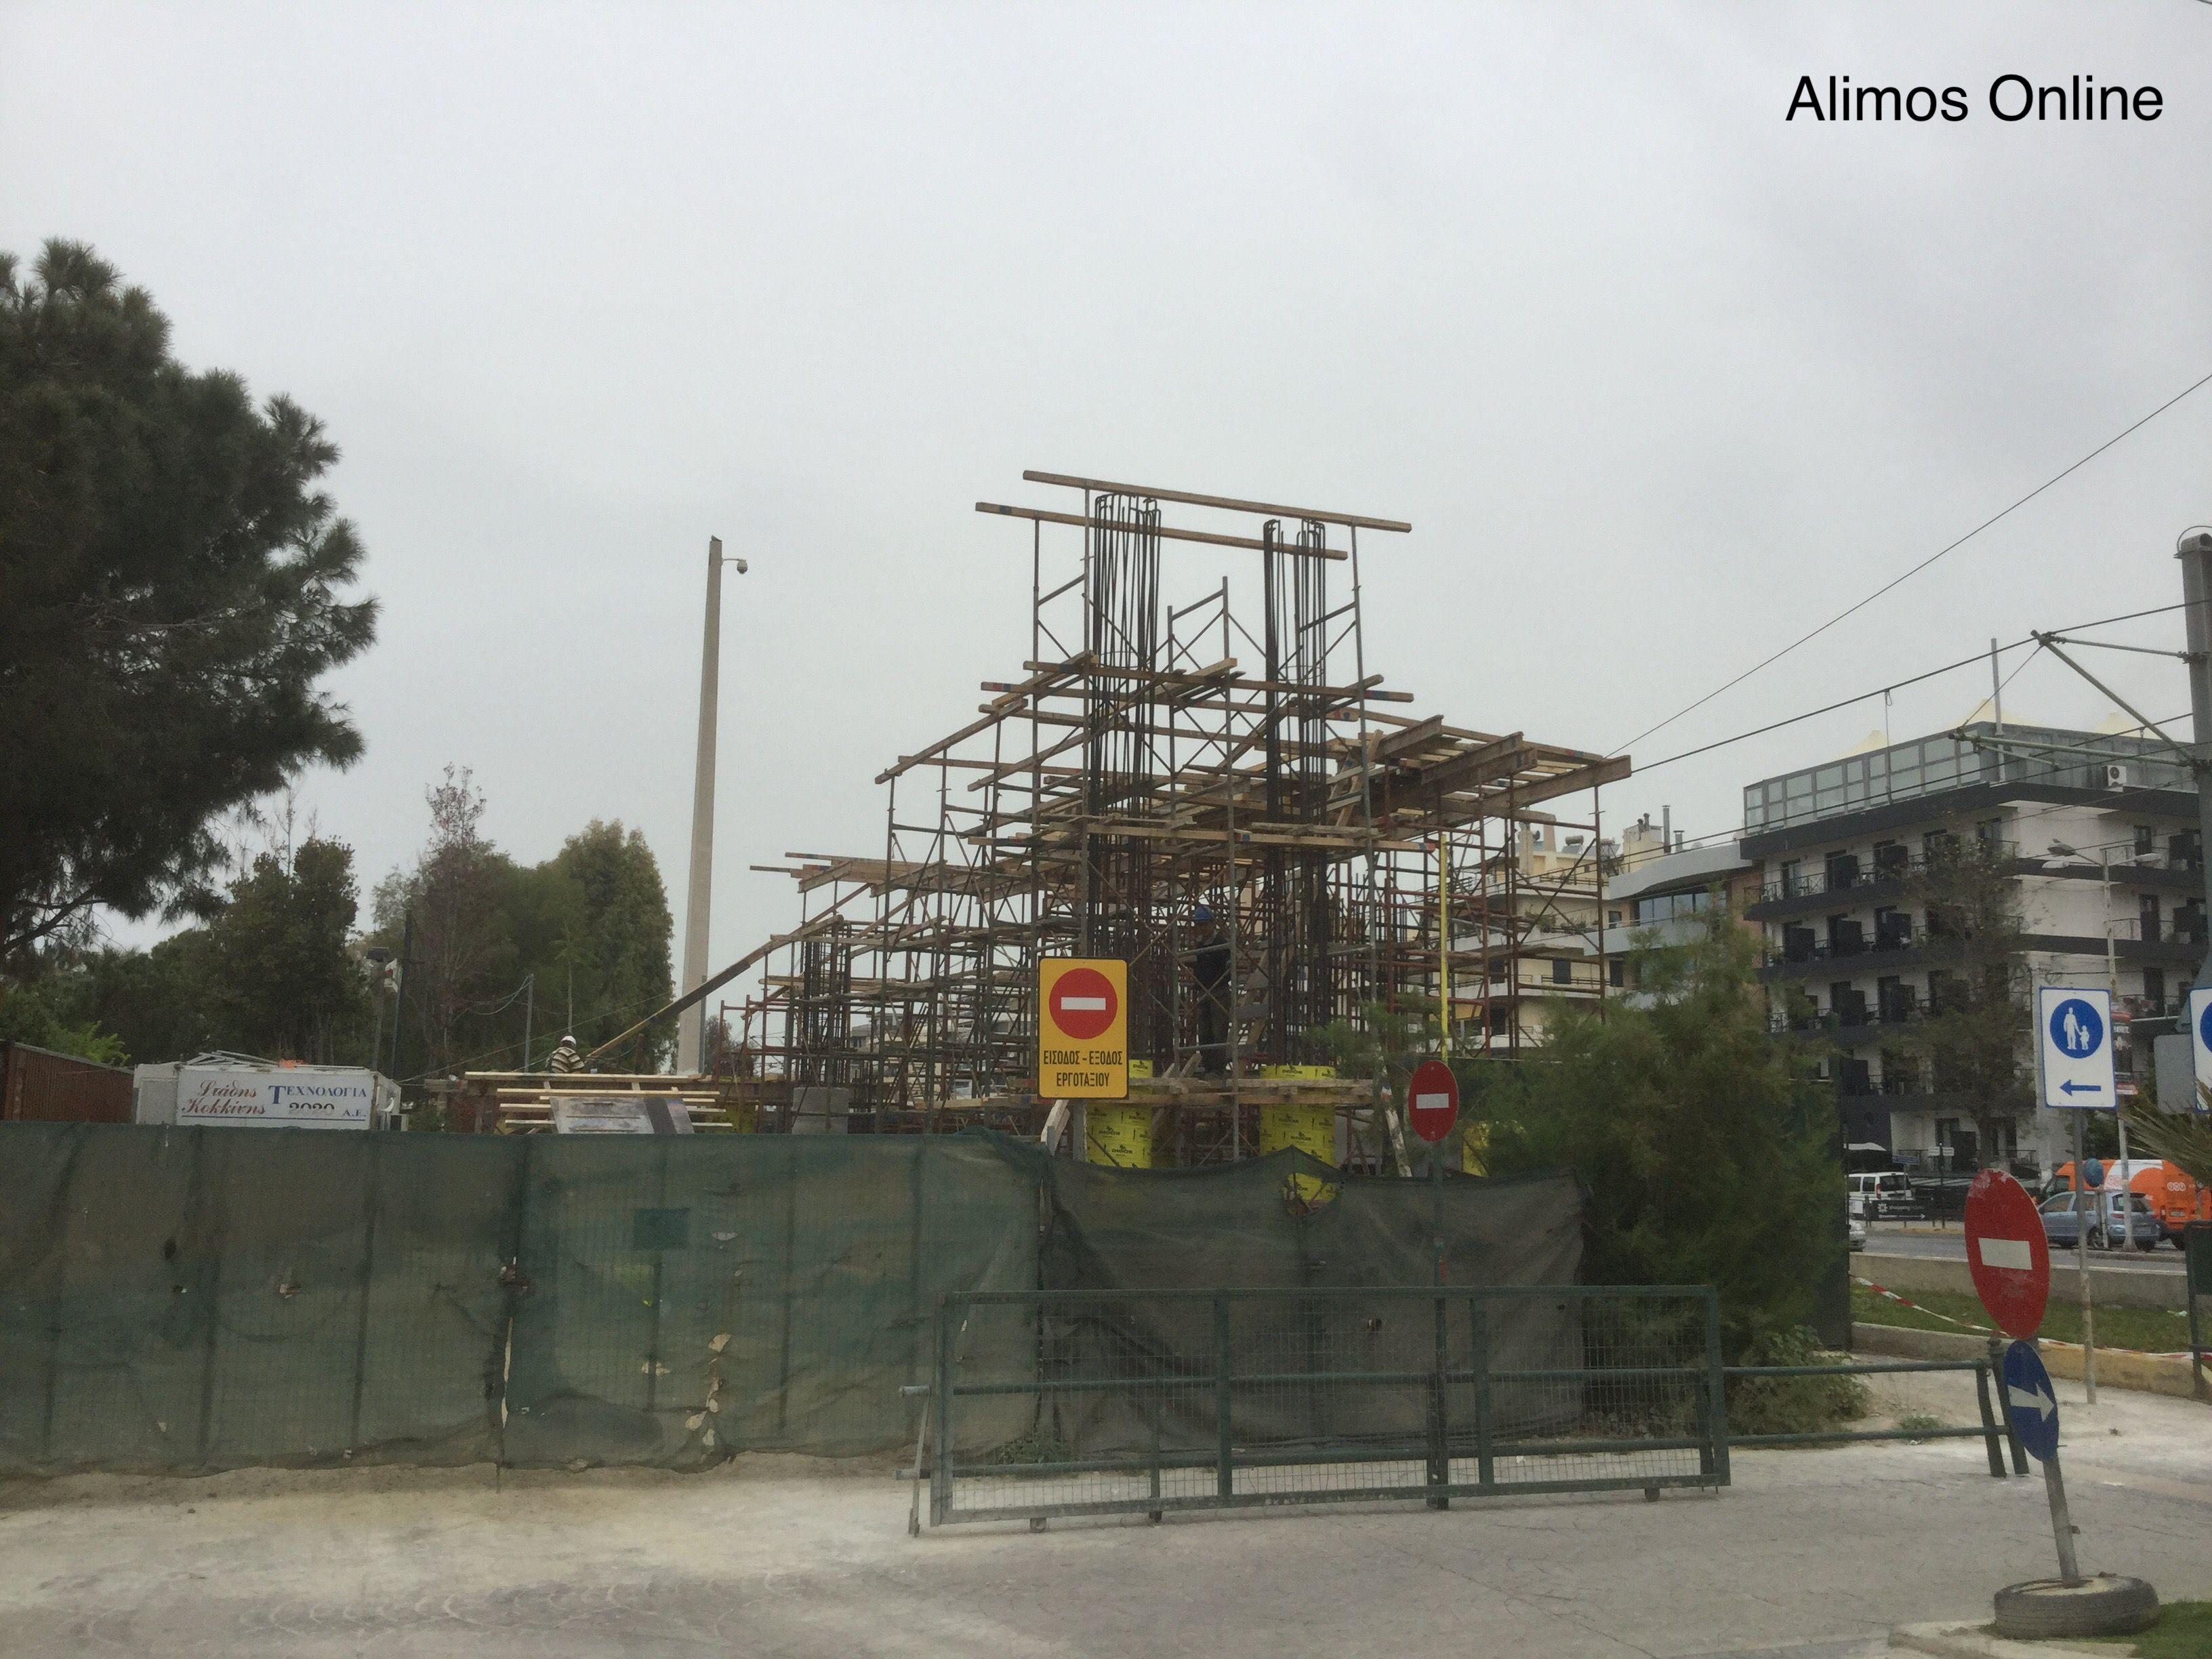 Προχωρούν με γοργούς ρυθμούς οι εργασίες για την πεζογέφυρα στον ΄Αλιμο